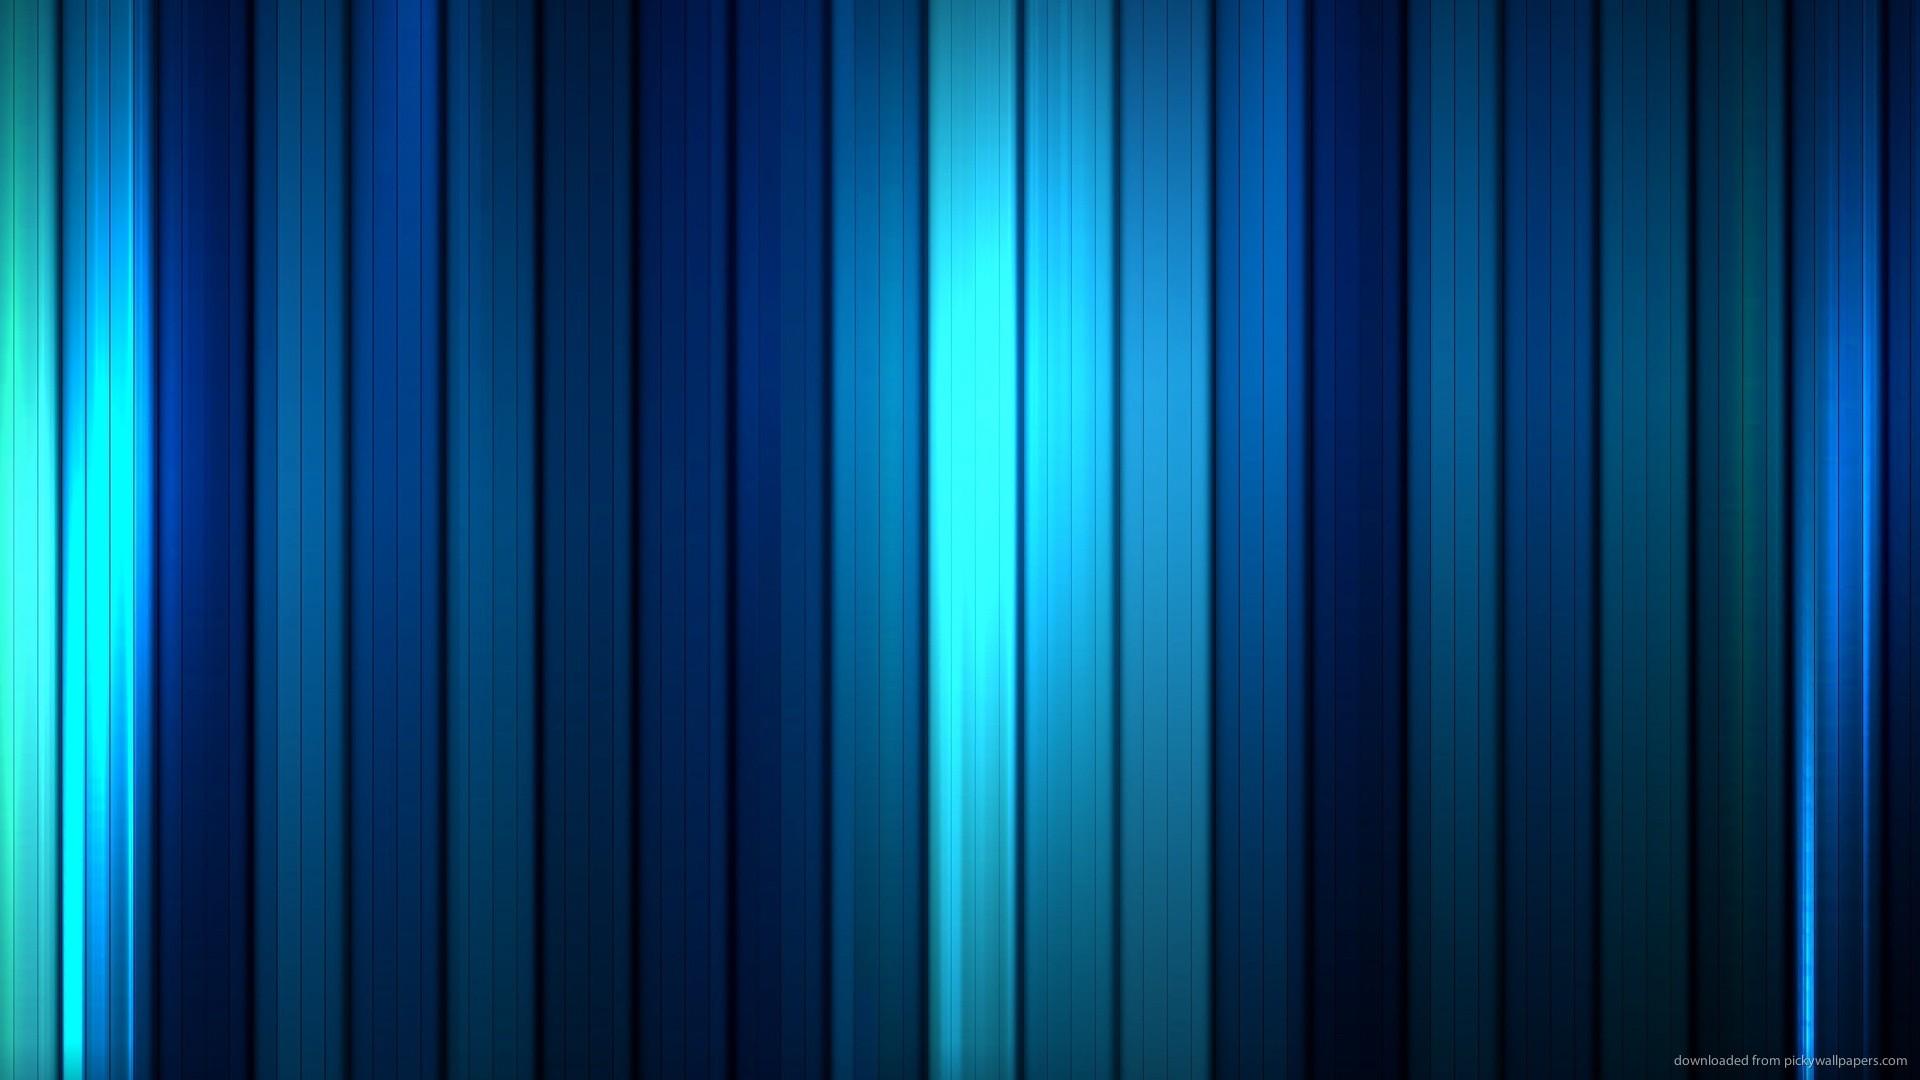 Blue Motion Stripes for 1920×1080